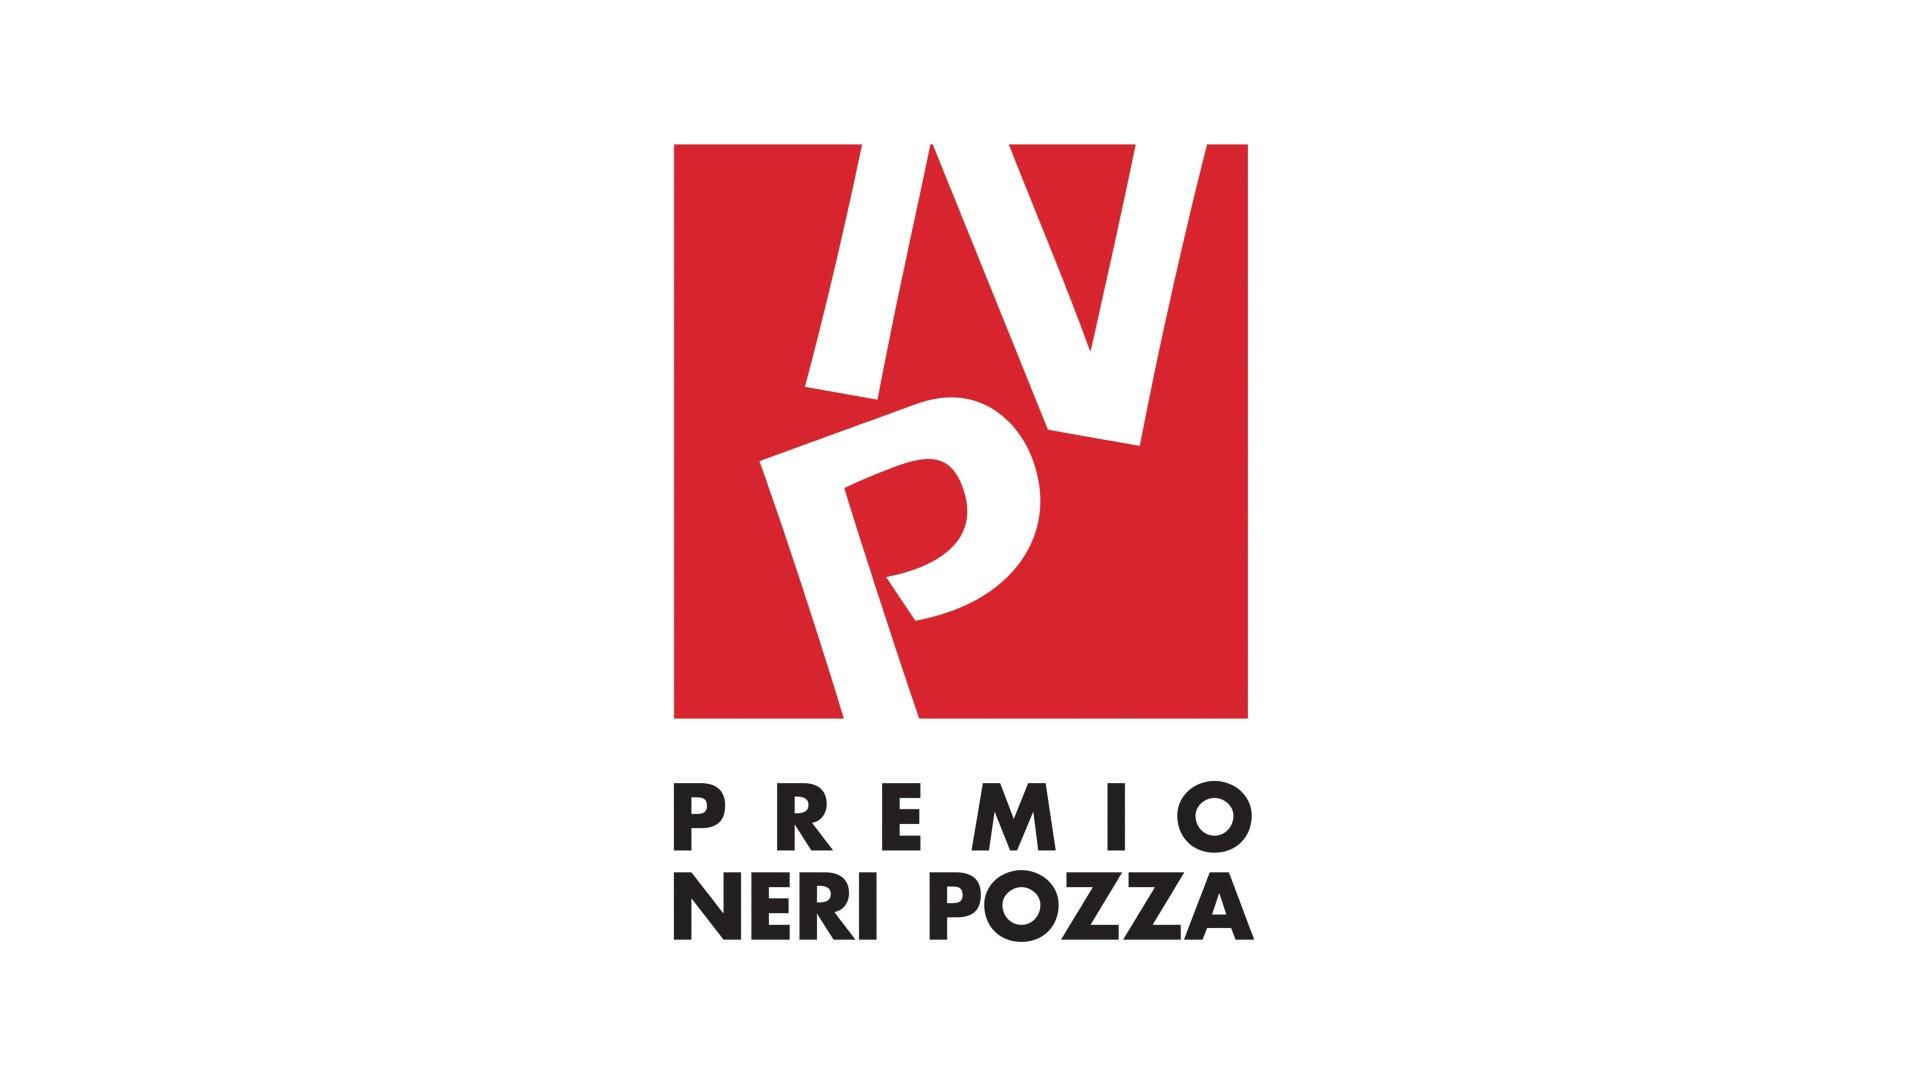 La cerimonia di premiazione del V Premio Neri Pozza anche in streaming